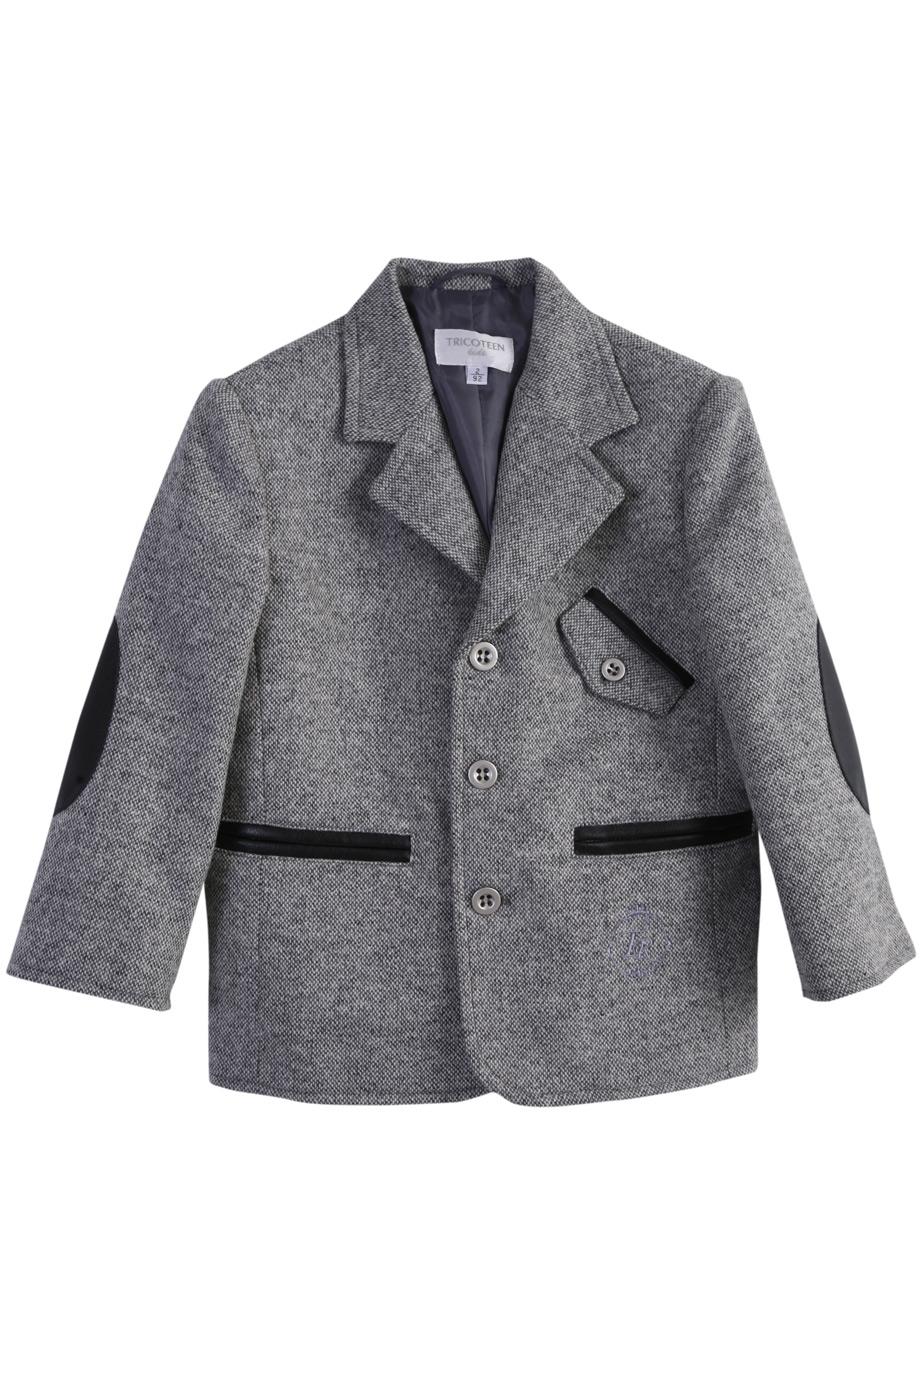 Ανδρικά ρούχα O Neill σε προσφορά 9f1bad9c4dc